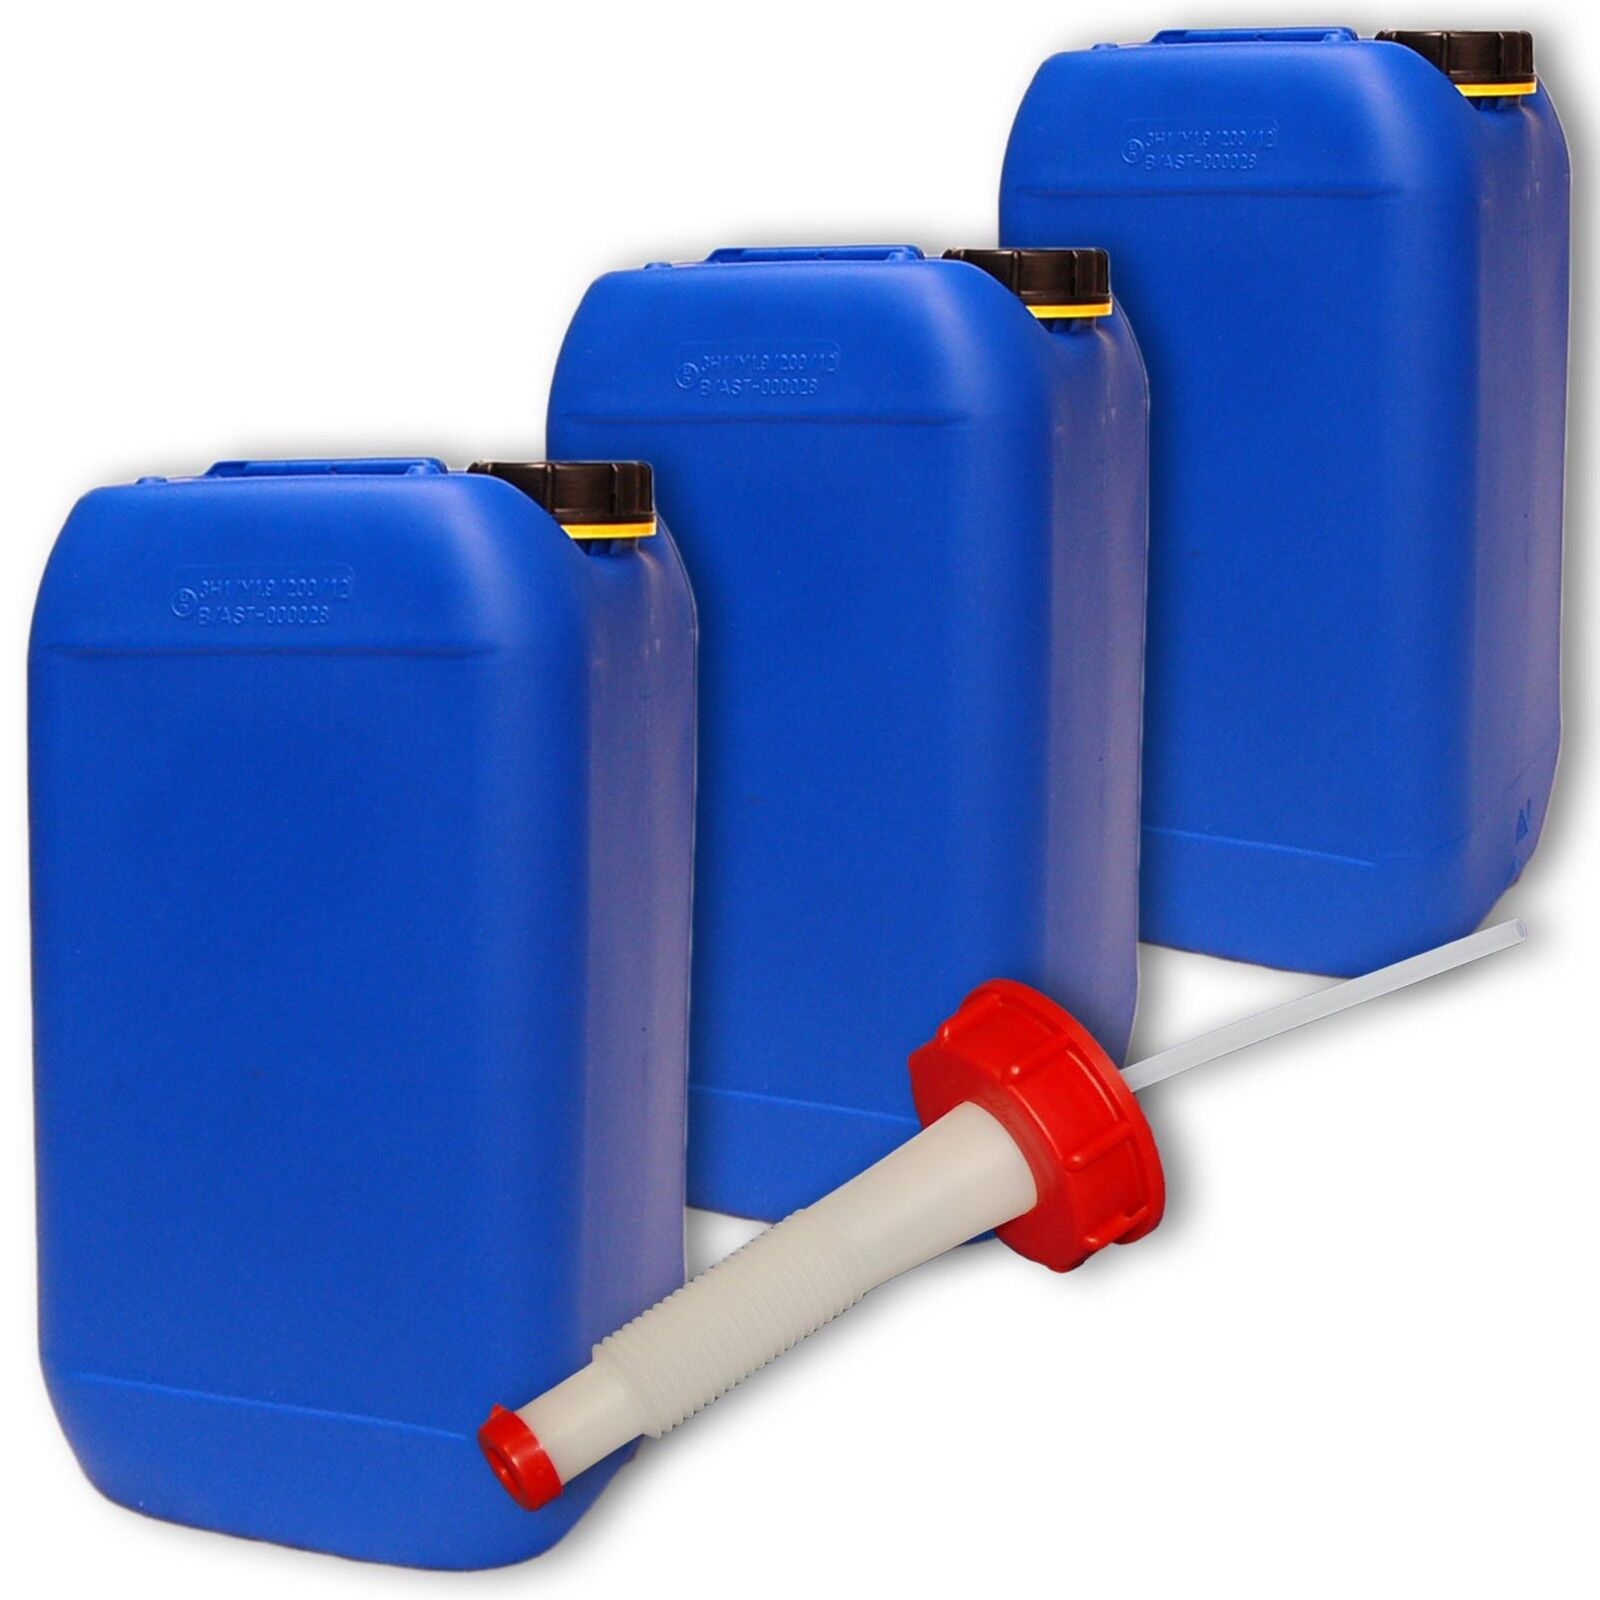 Bidon plastique DIN 15 L Bleu DIN plastique 61 + 1 bec verseur flexib. Alimentaire (22246+020) 985da8